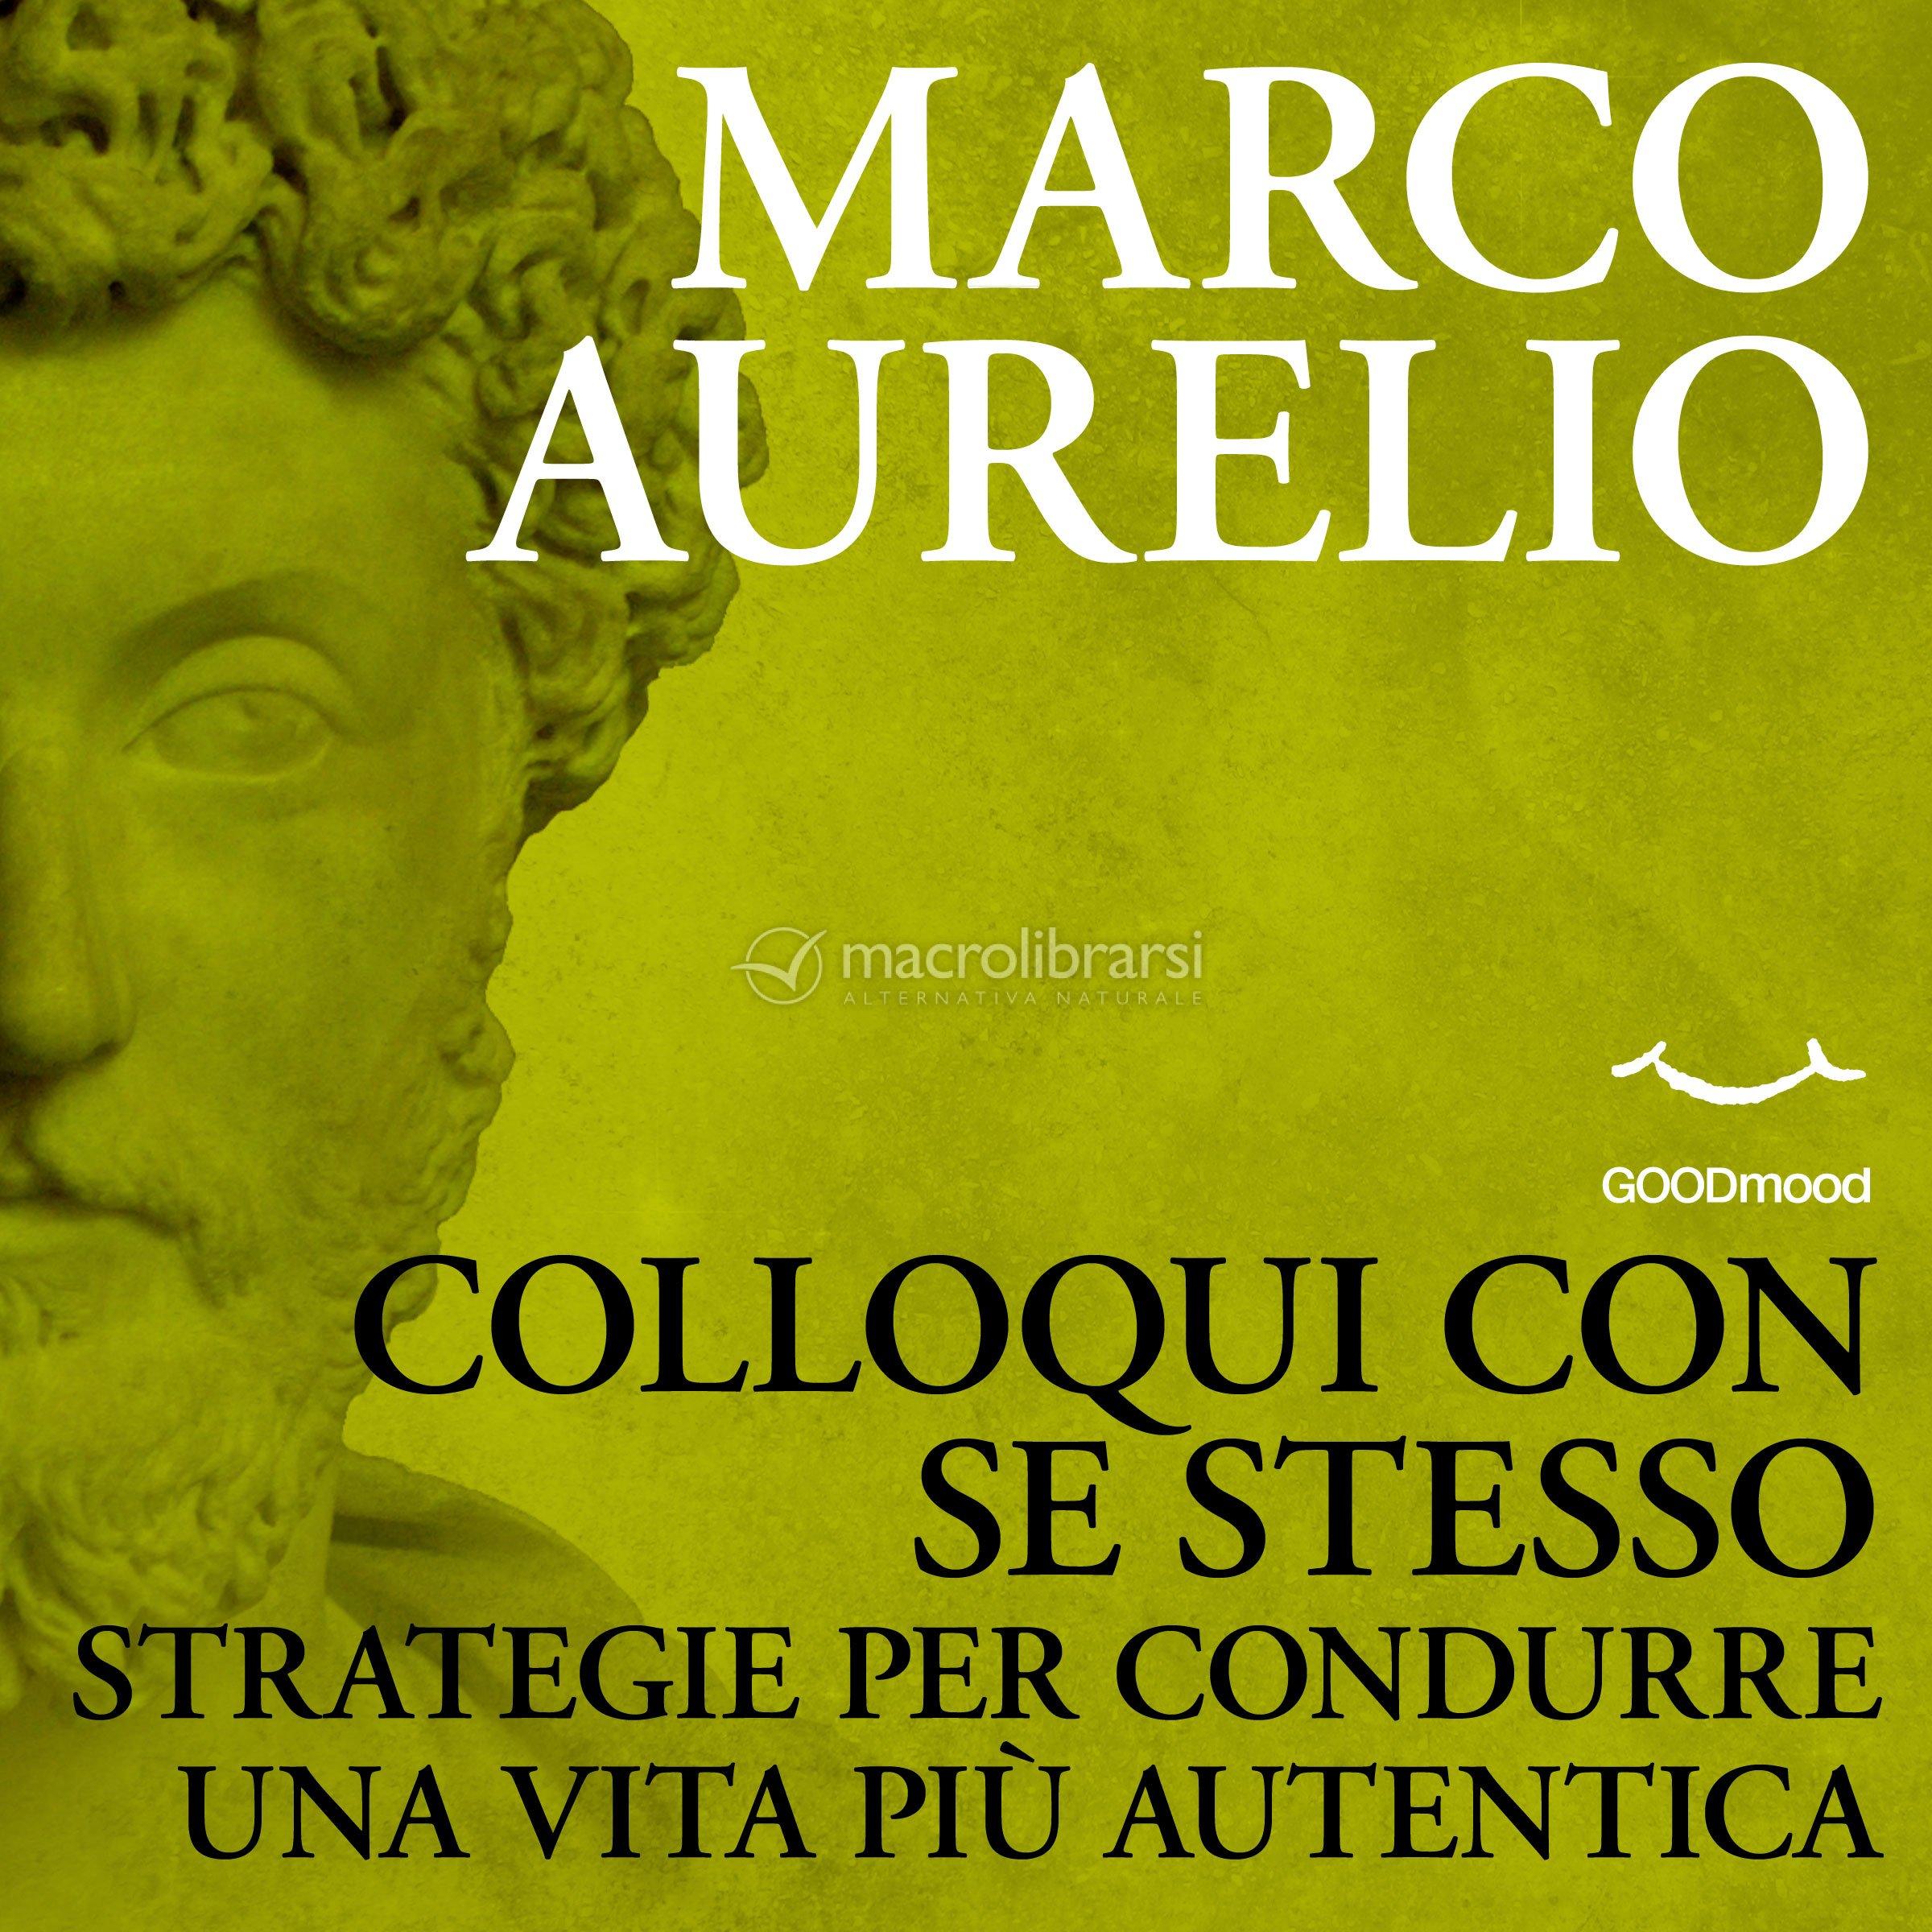 Mp3 Colloqui Con Se Stesso Di Marco Aurelio